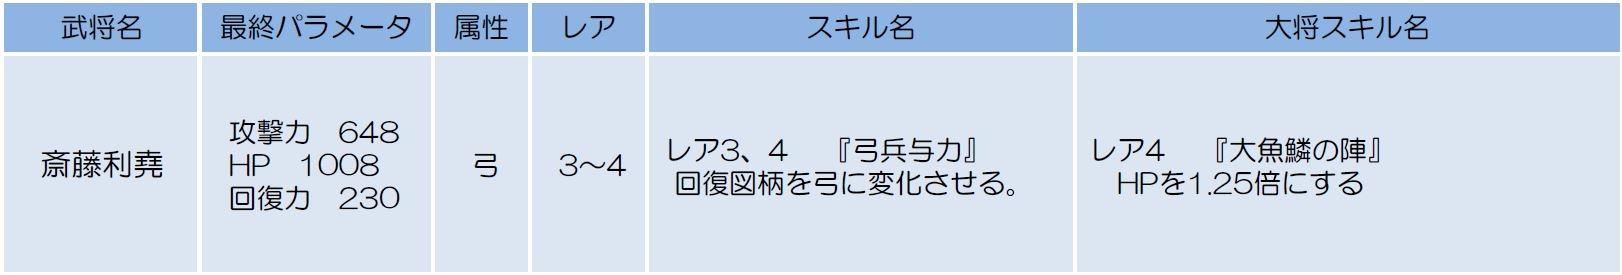 侍フィーバー」レア武将「斎藤利...